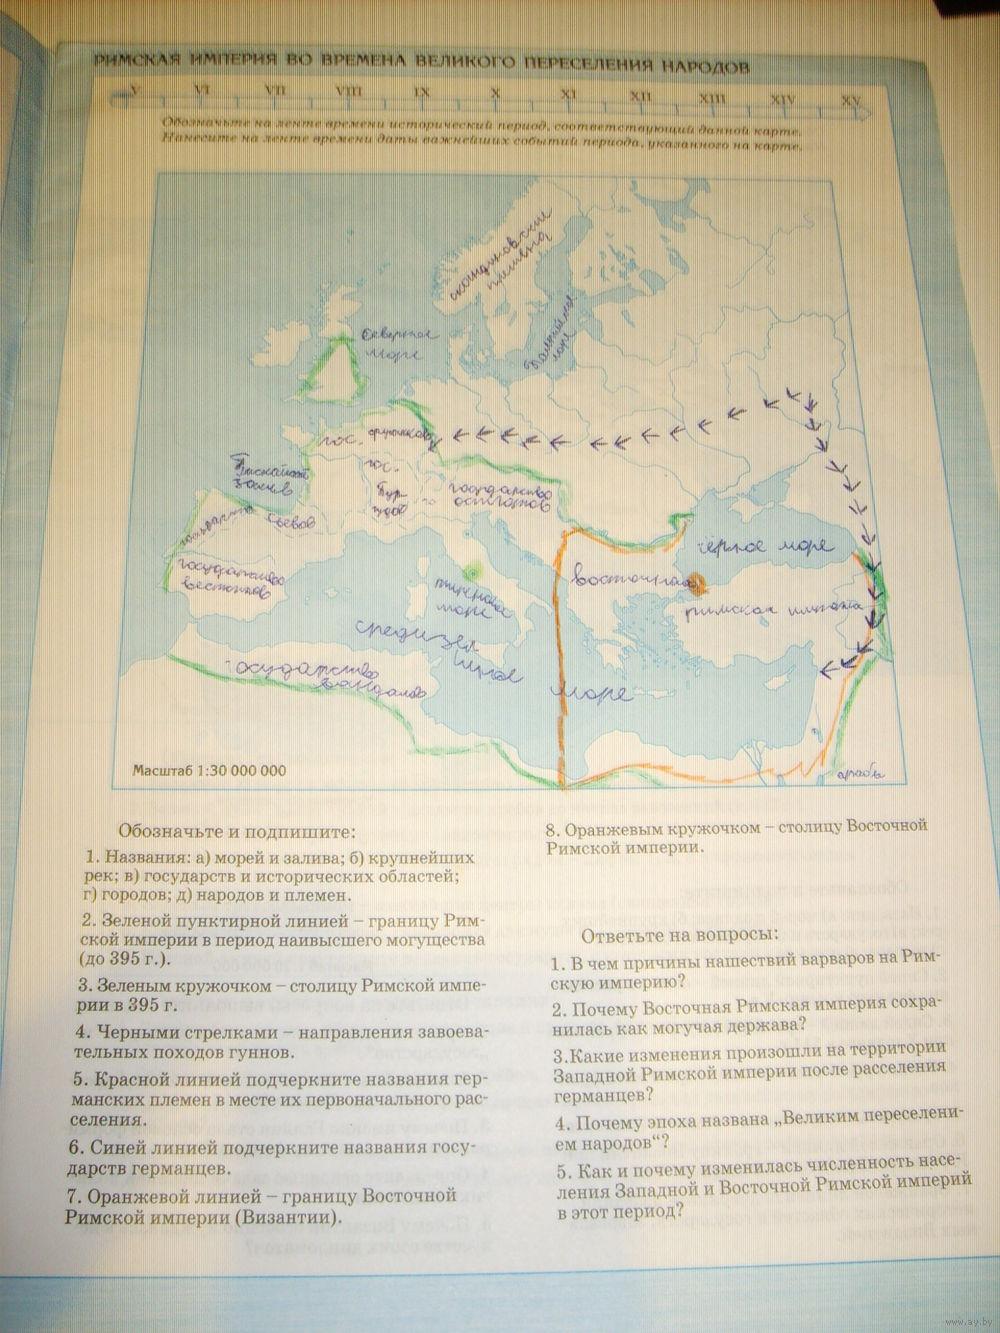 Карты из школьного учебника. История беларуси. 7 класс.